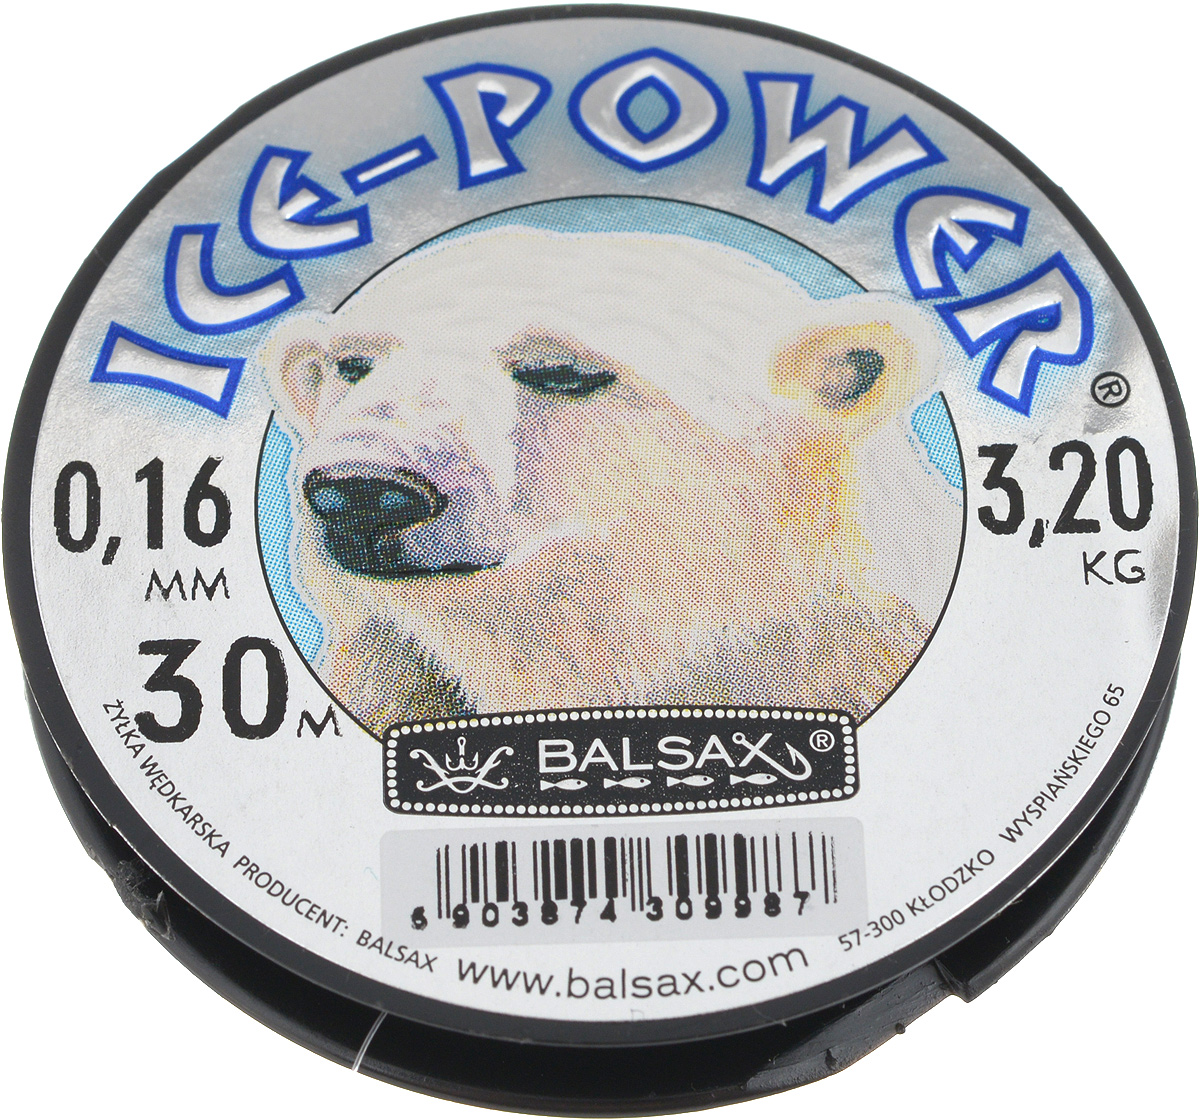 Леска зимняя Balsax Ice Power, 30 м, 0,16 мм, 3,2 кгTrevira ThermoЛеска Balsax Ice Power изготовлена из 100% нейлона и очень хорошо выдерживает низкие температуры. Даже в самом холодном климате, при температуре вплоть до -40°C, она сохраняет свои свойства практически без изменений, в то время как традиционные лески становятся менее эластичными и теряют прочность.Поверхность лески обработана таким образом, что она не обмерзает и отлично подходит для подледного лова. Прочна в местах вязки узлов даже при минимальном диаметре.